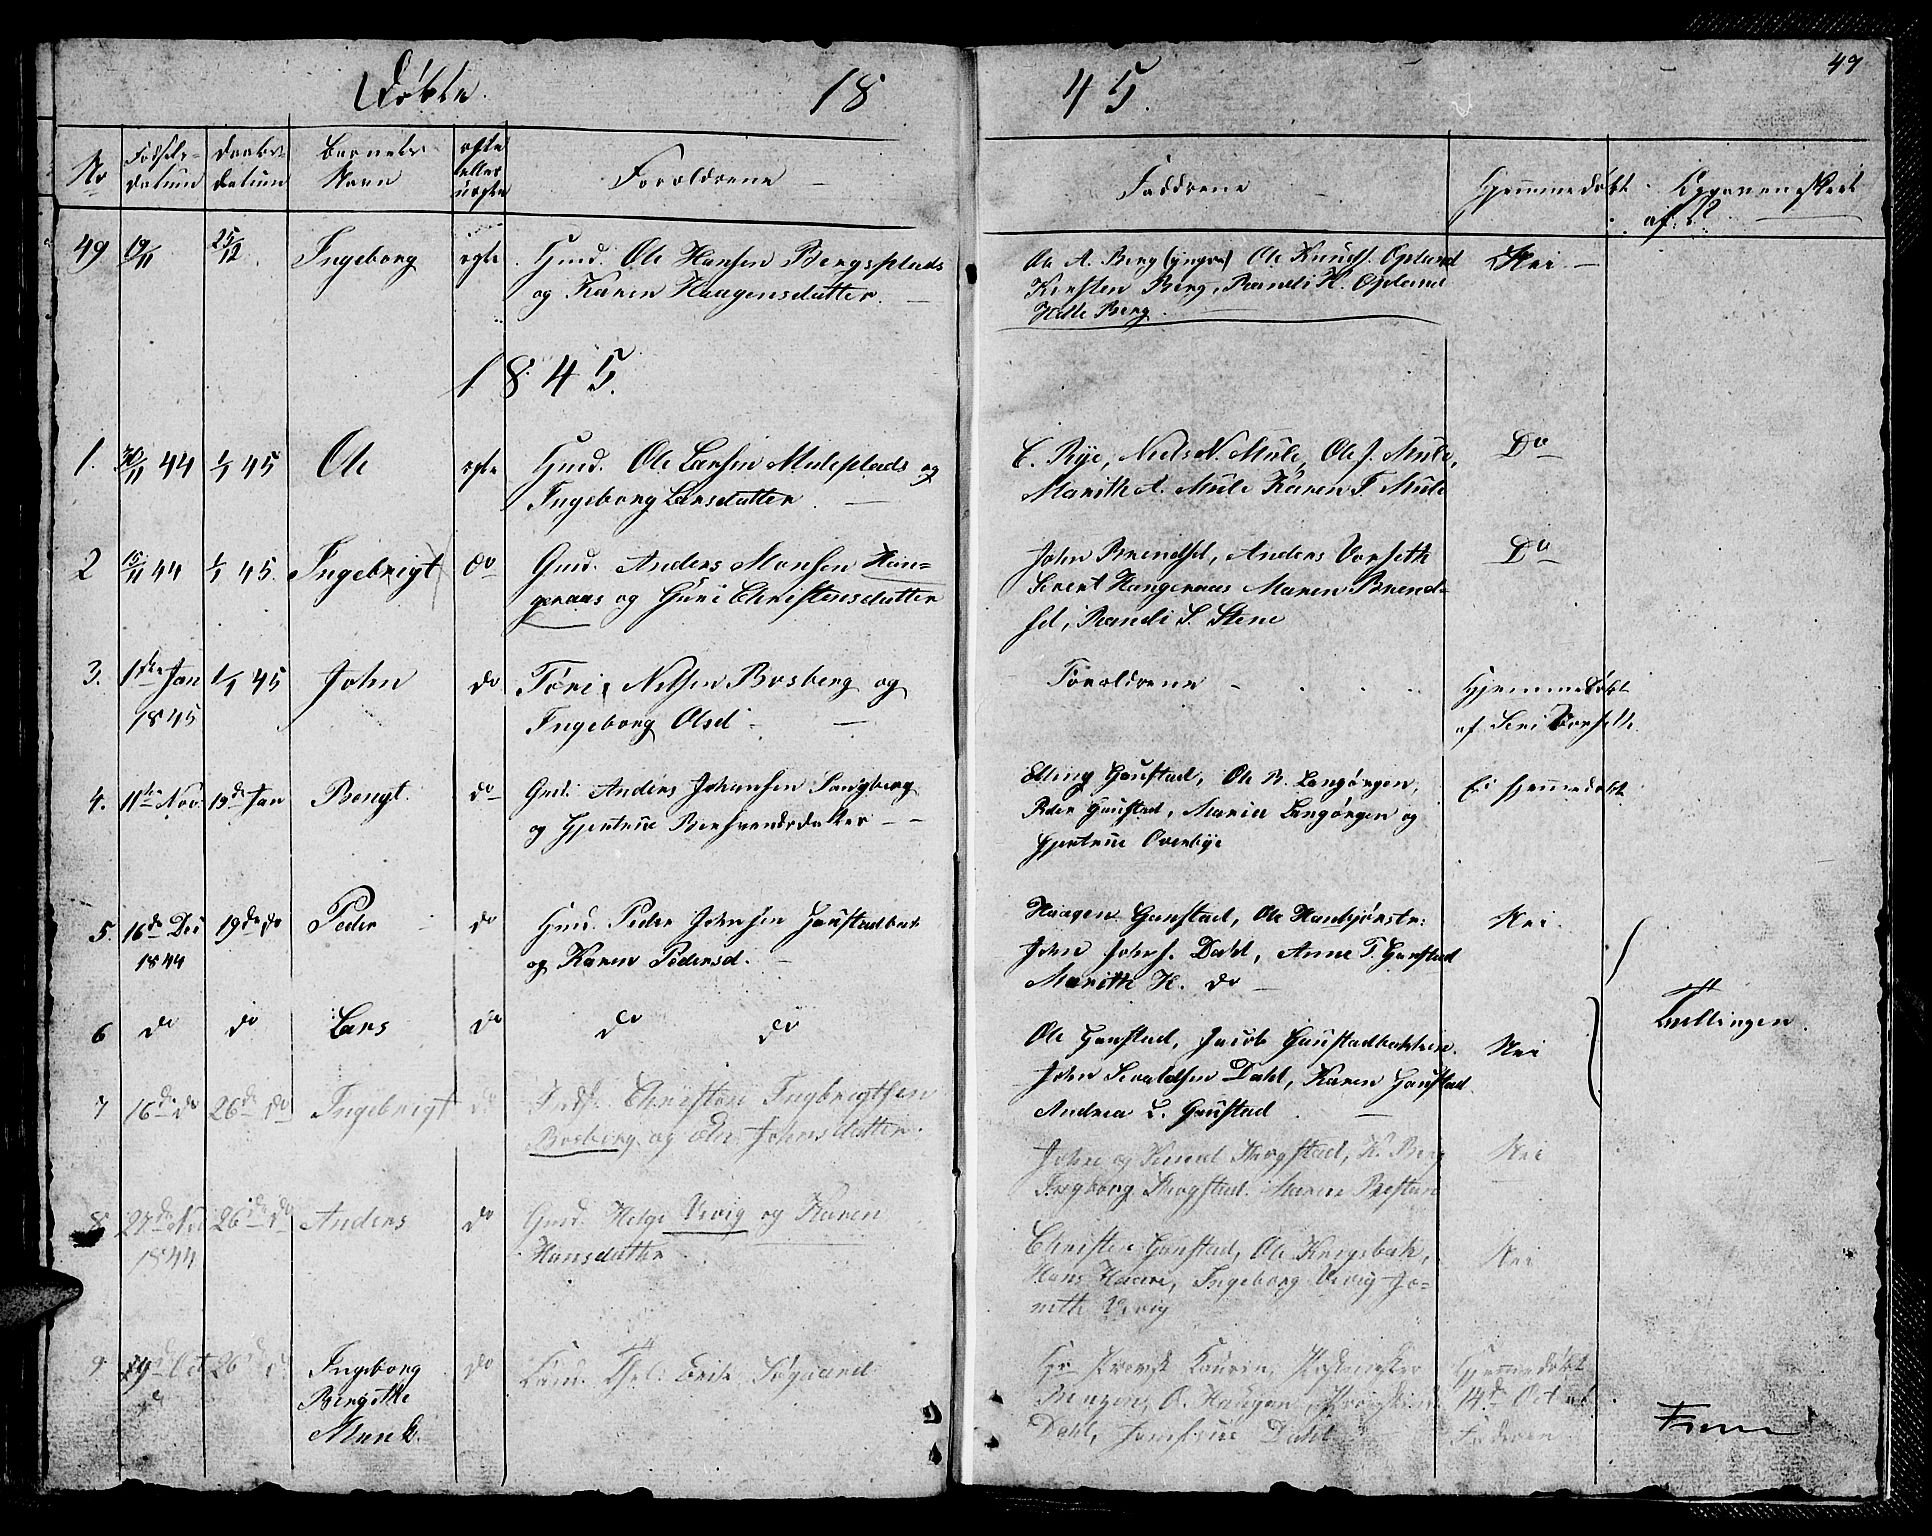 SAT, Ministerialprotokoller, klokkerbøker og fødselsregistre - Sør-Trøndelag, 612/L0386: Klokkerbok nr. 612C02, 1834-1845, s. 47